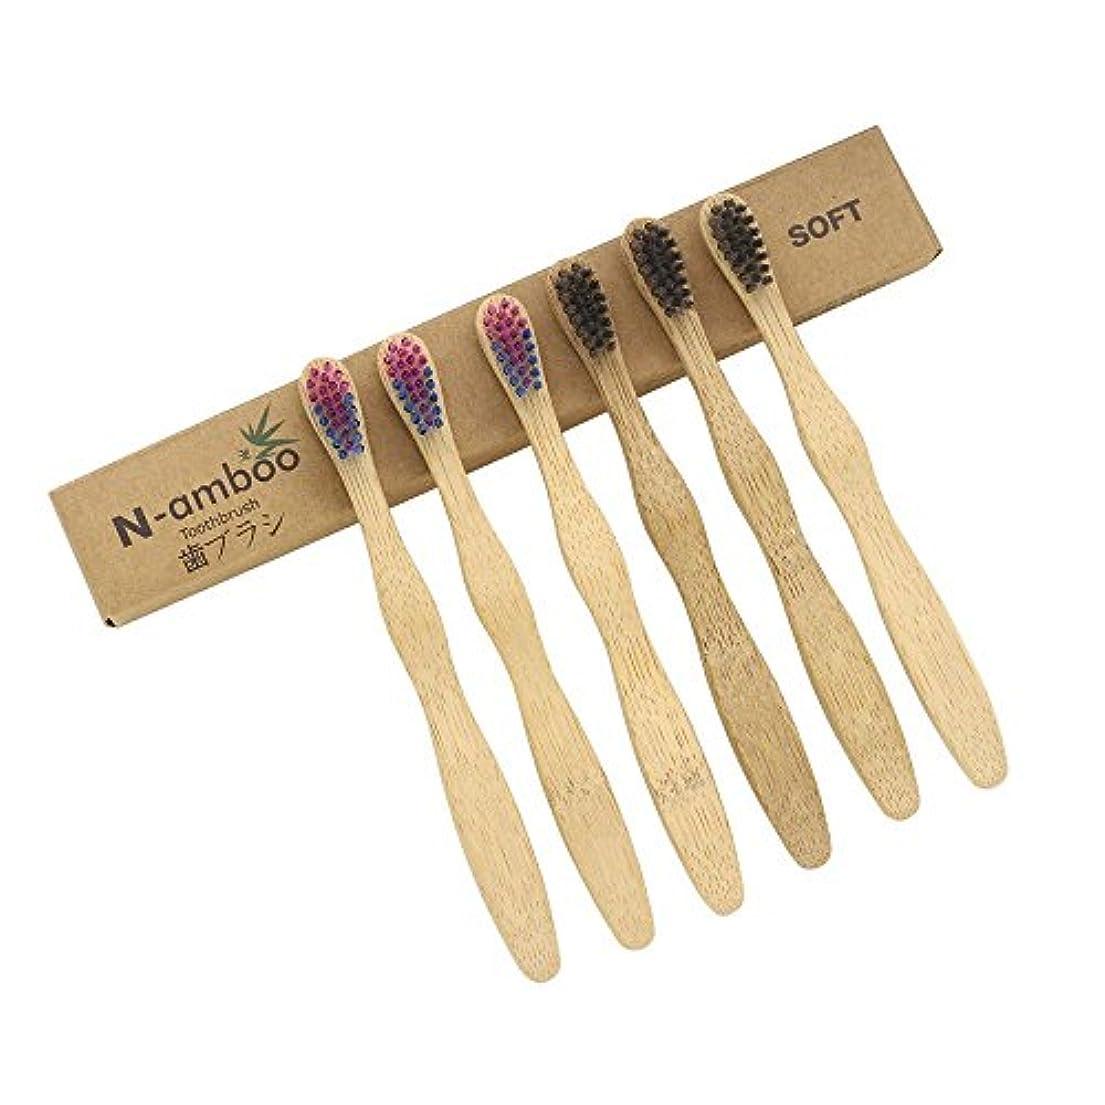 白内障泥だらけできるN-amboo 竹製耐久度高い 子供 歯ブラシ エコ 6本入り セット 黒と紫